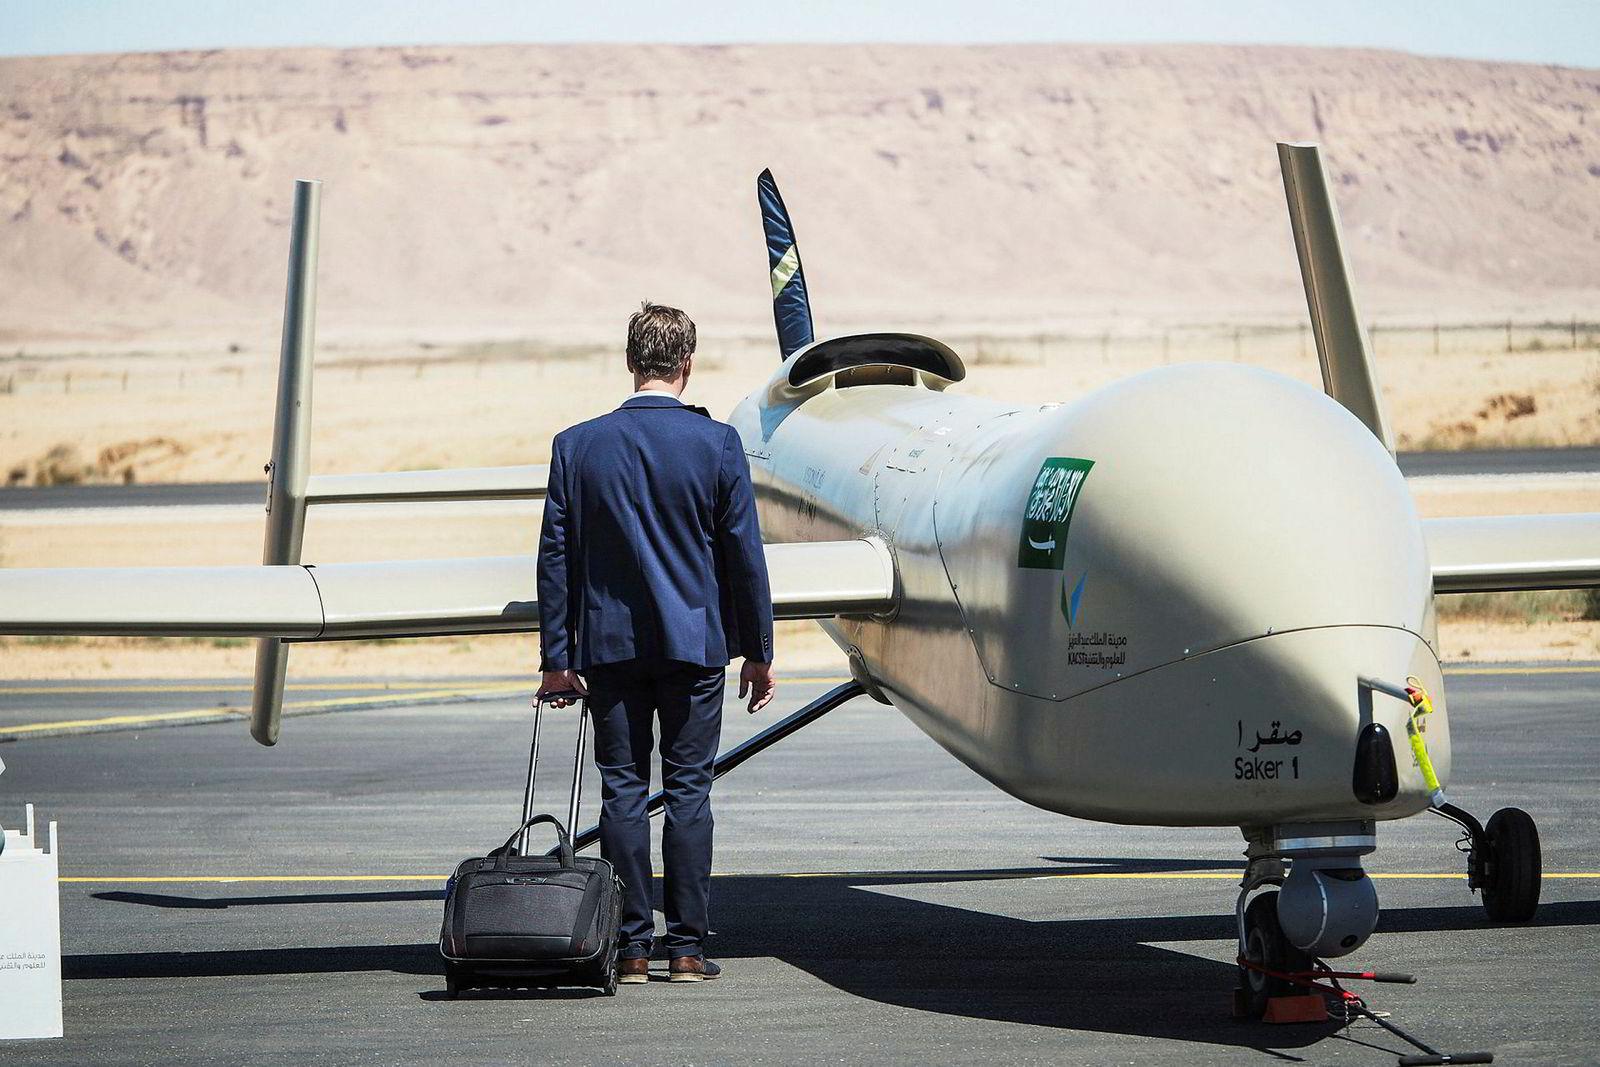 Saudi Air Show ble arrangert på Thumamah-flyplassen i Riyadh i Saudi-Arabia i mars. Her ser en besøkende nærmere på en ubemannet stridsdrone fra Norinco International Coperation.